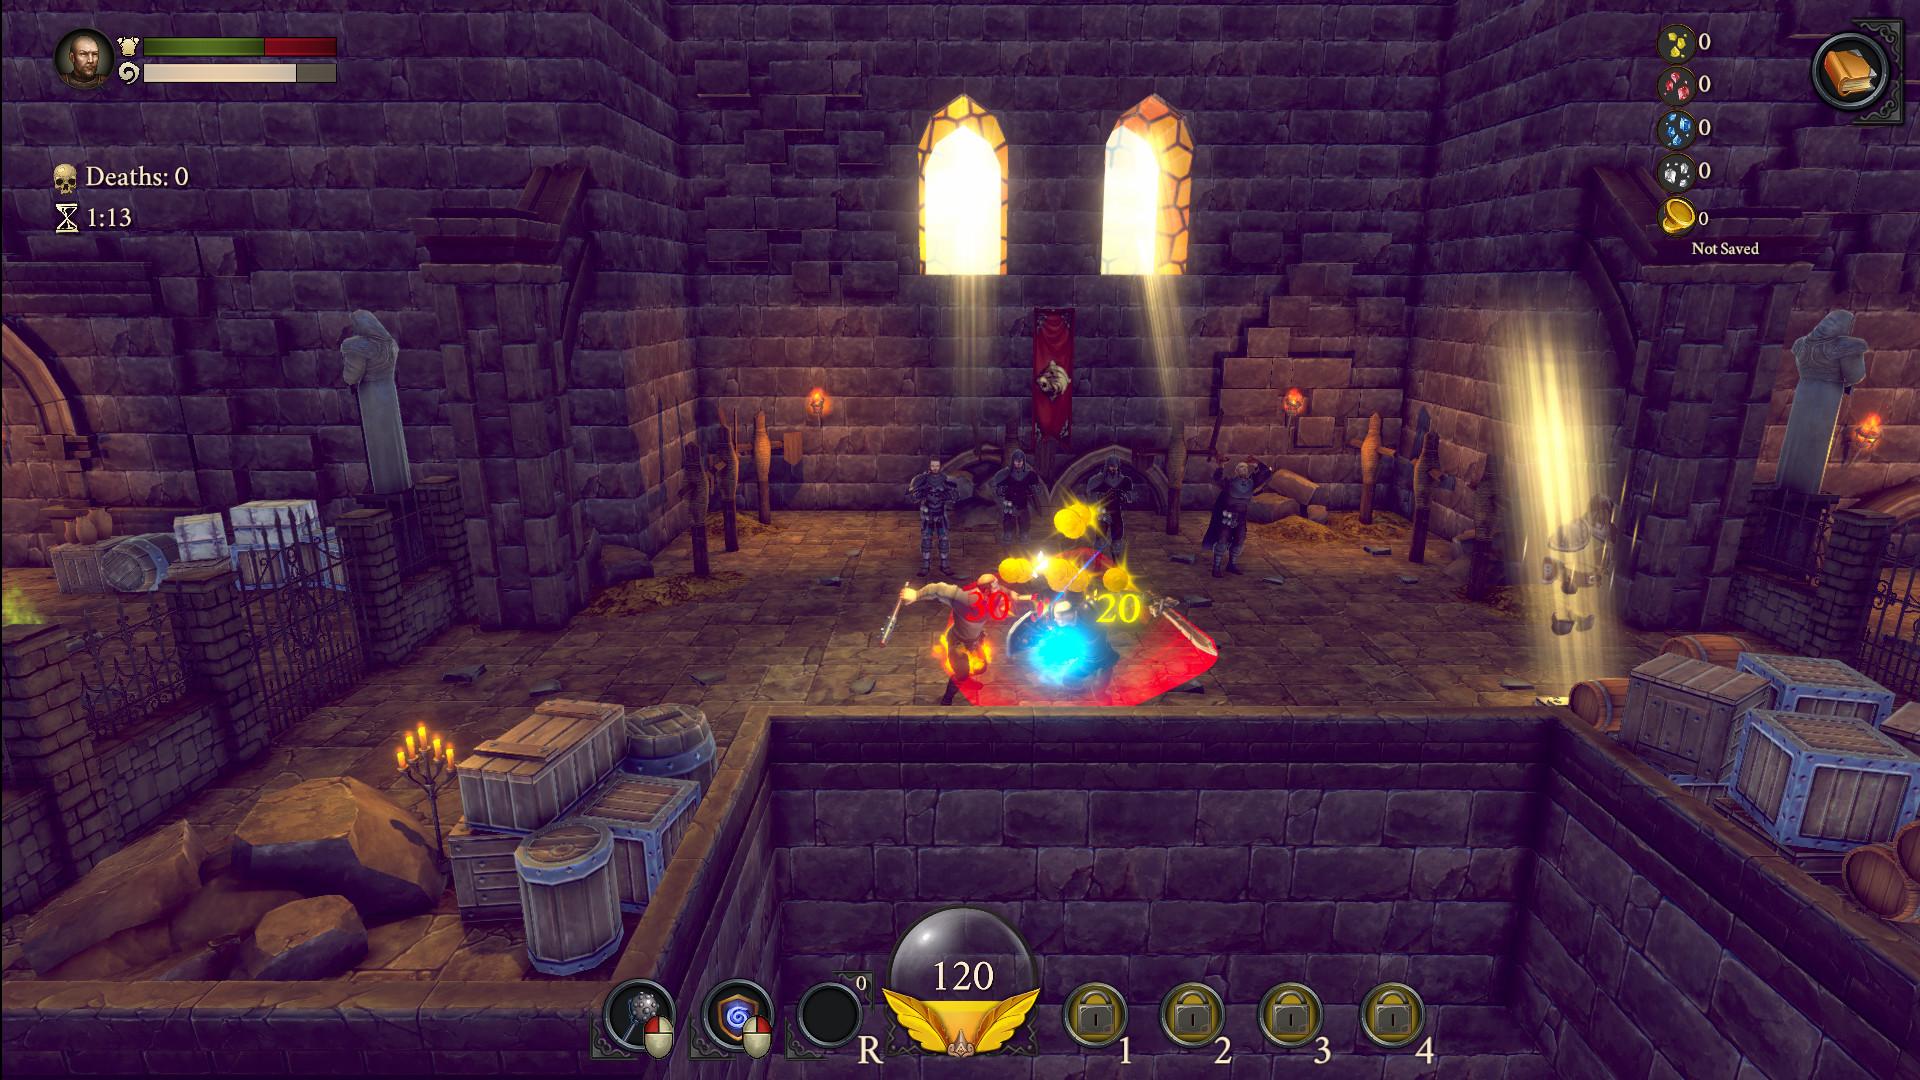 azuran_tales_trials-7.jpg - -